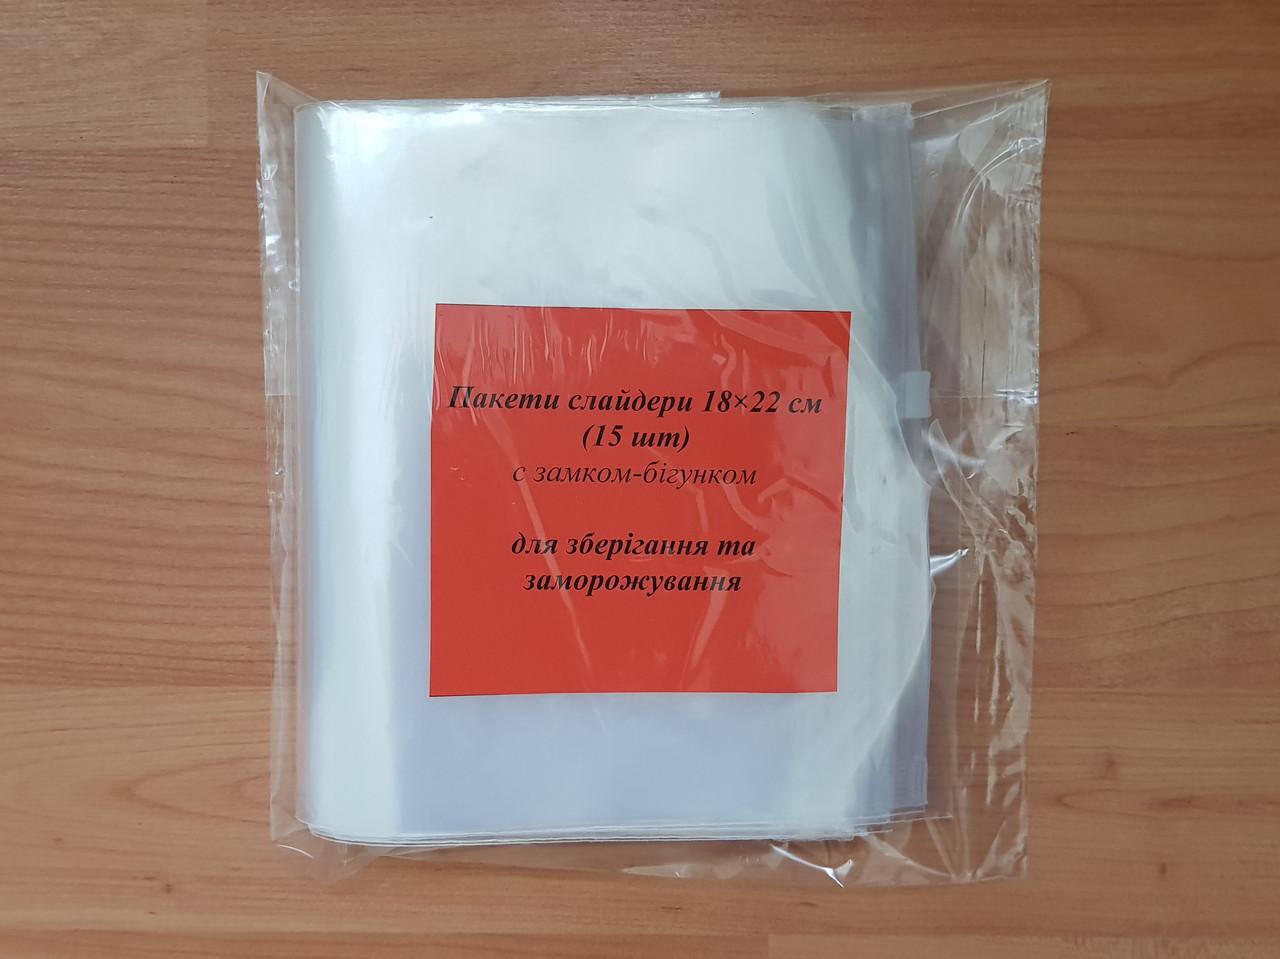 Пакеты слайдеры 18×22 см  (15 шт) для хранения и заморозки